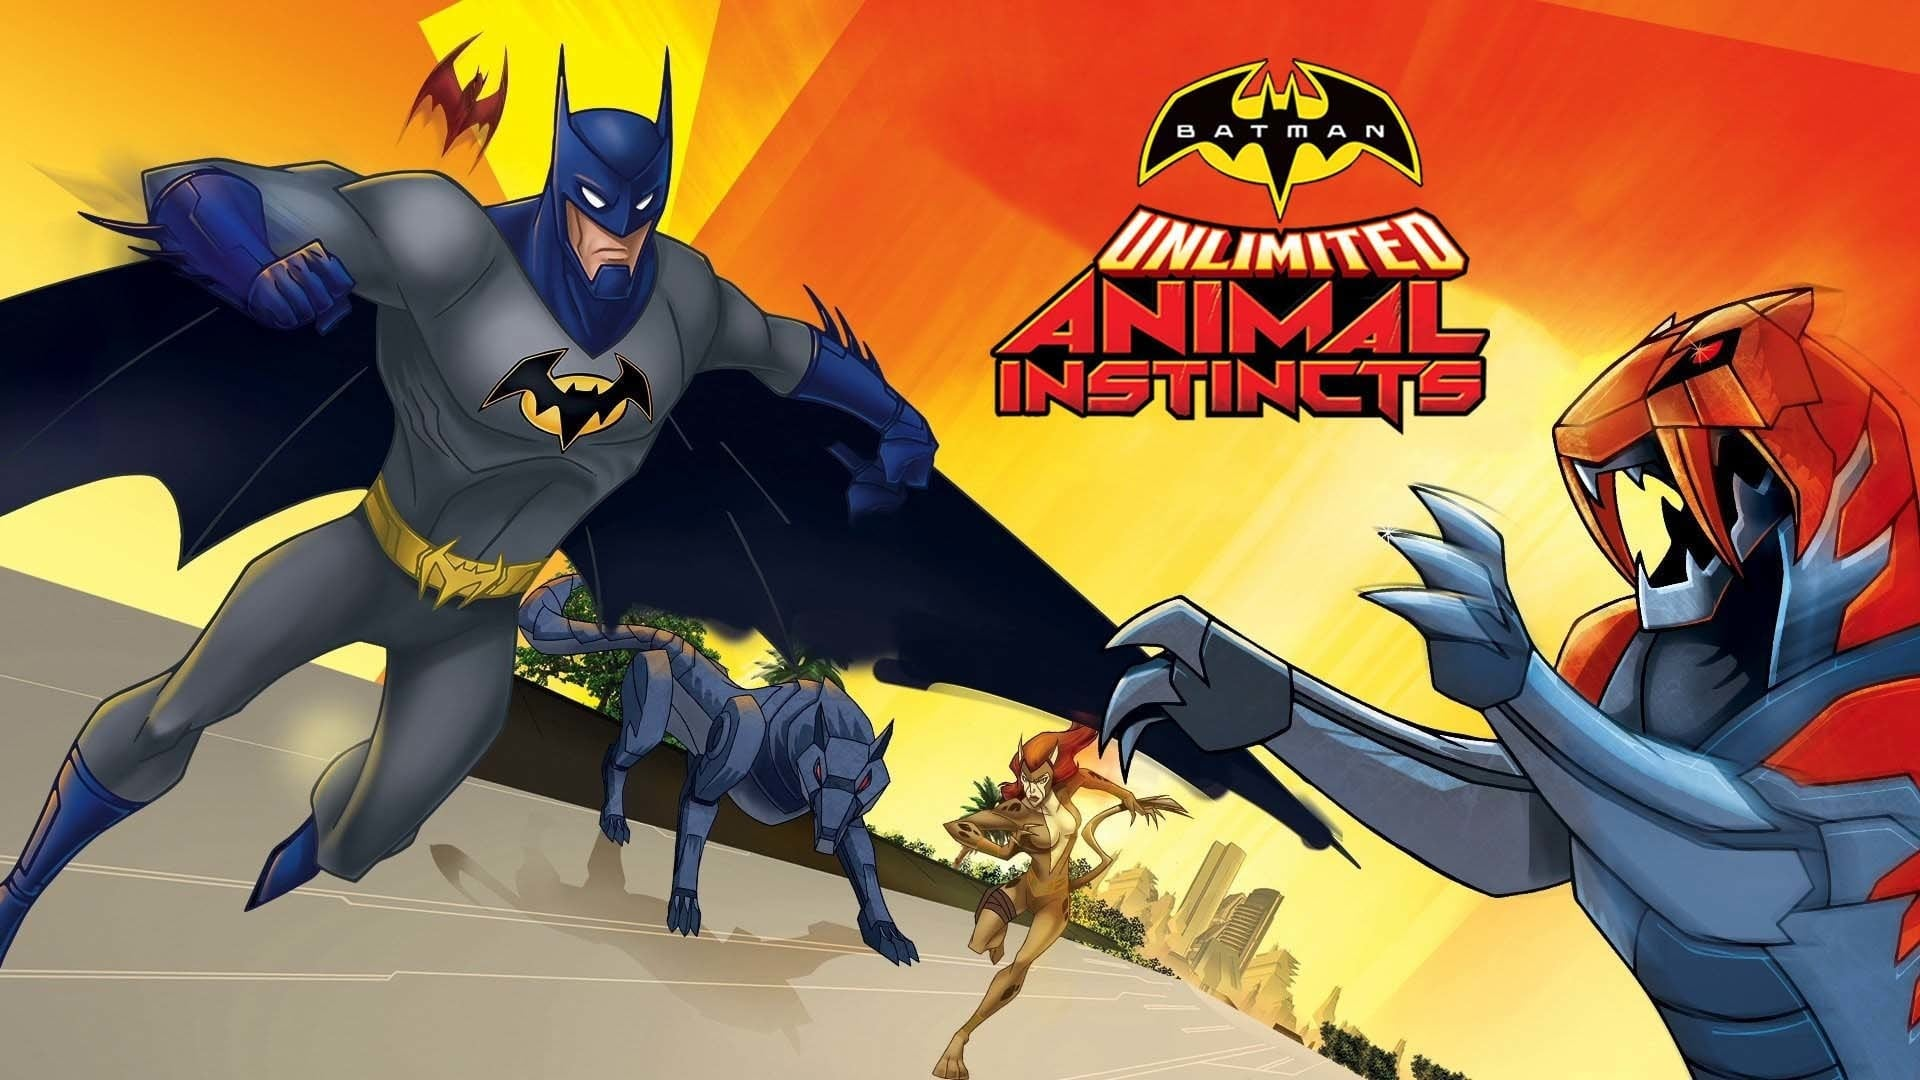 Batman sin límites: Instinto animal